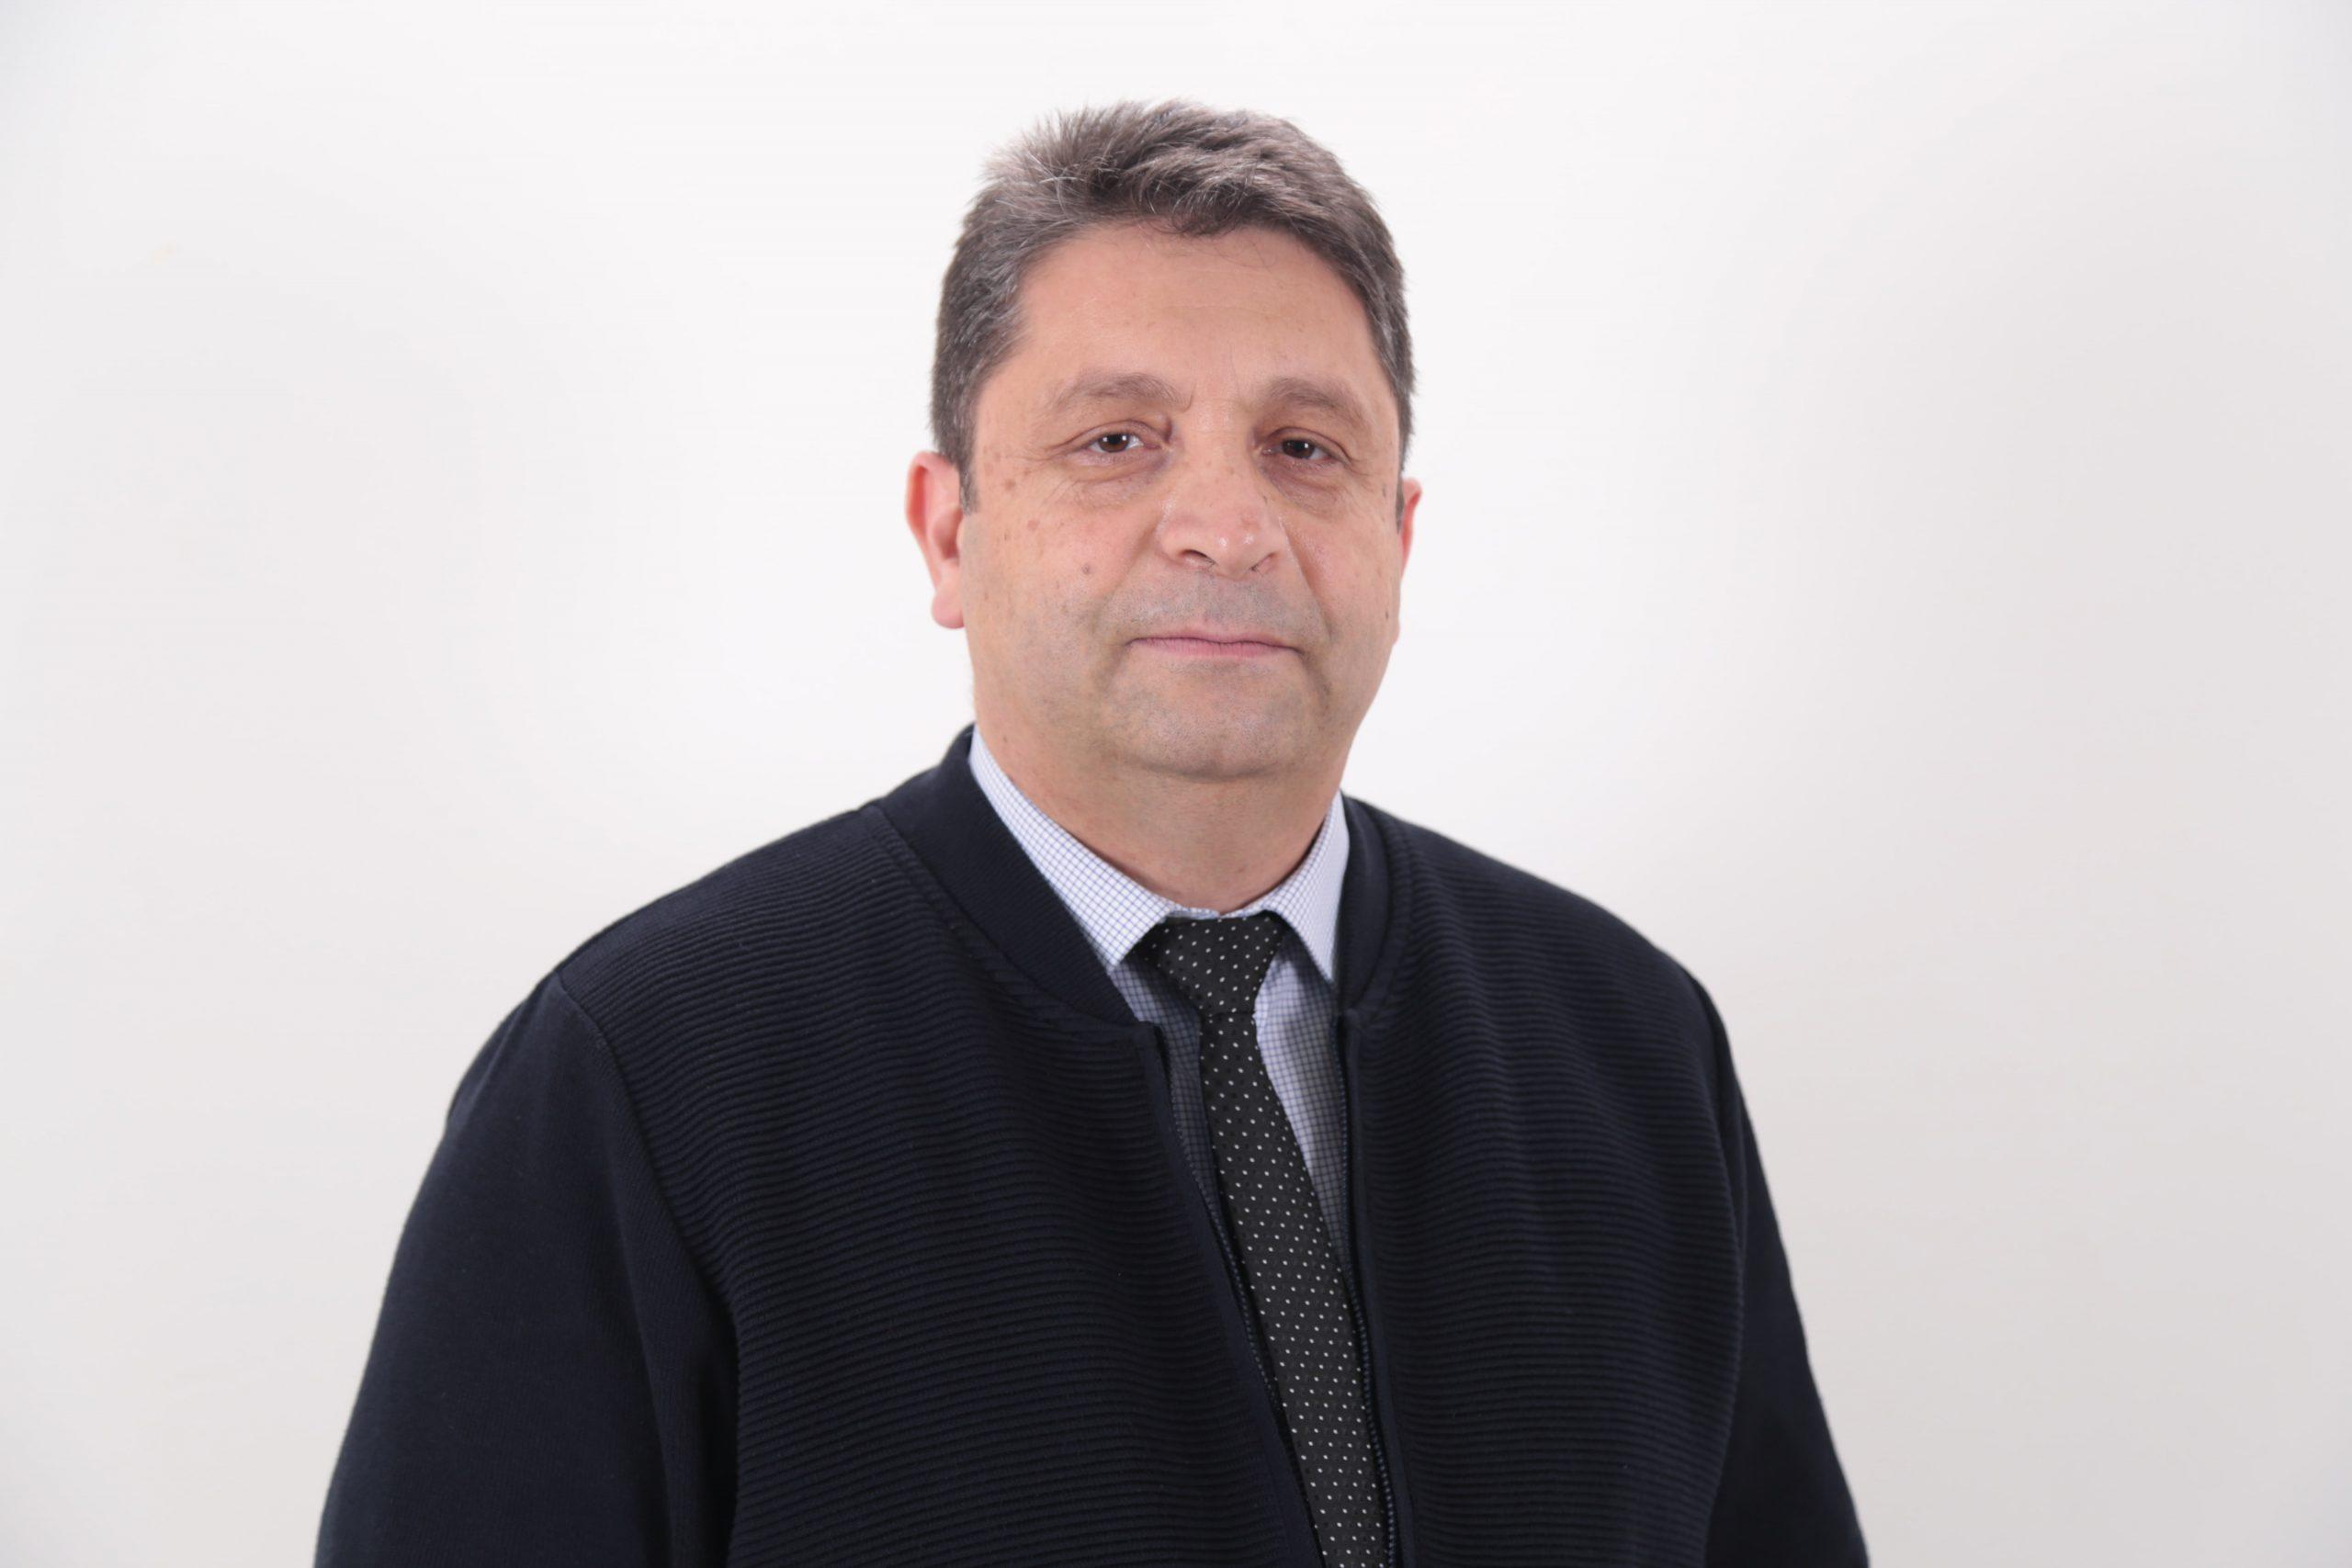 Osman Sejfijaj